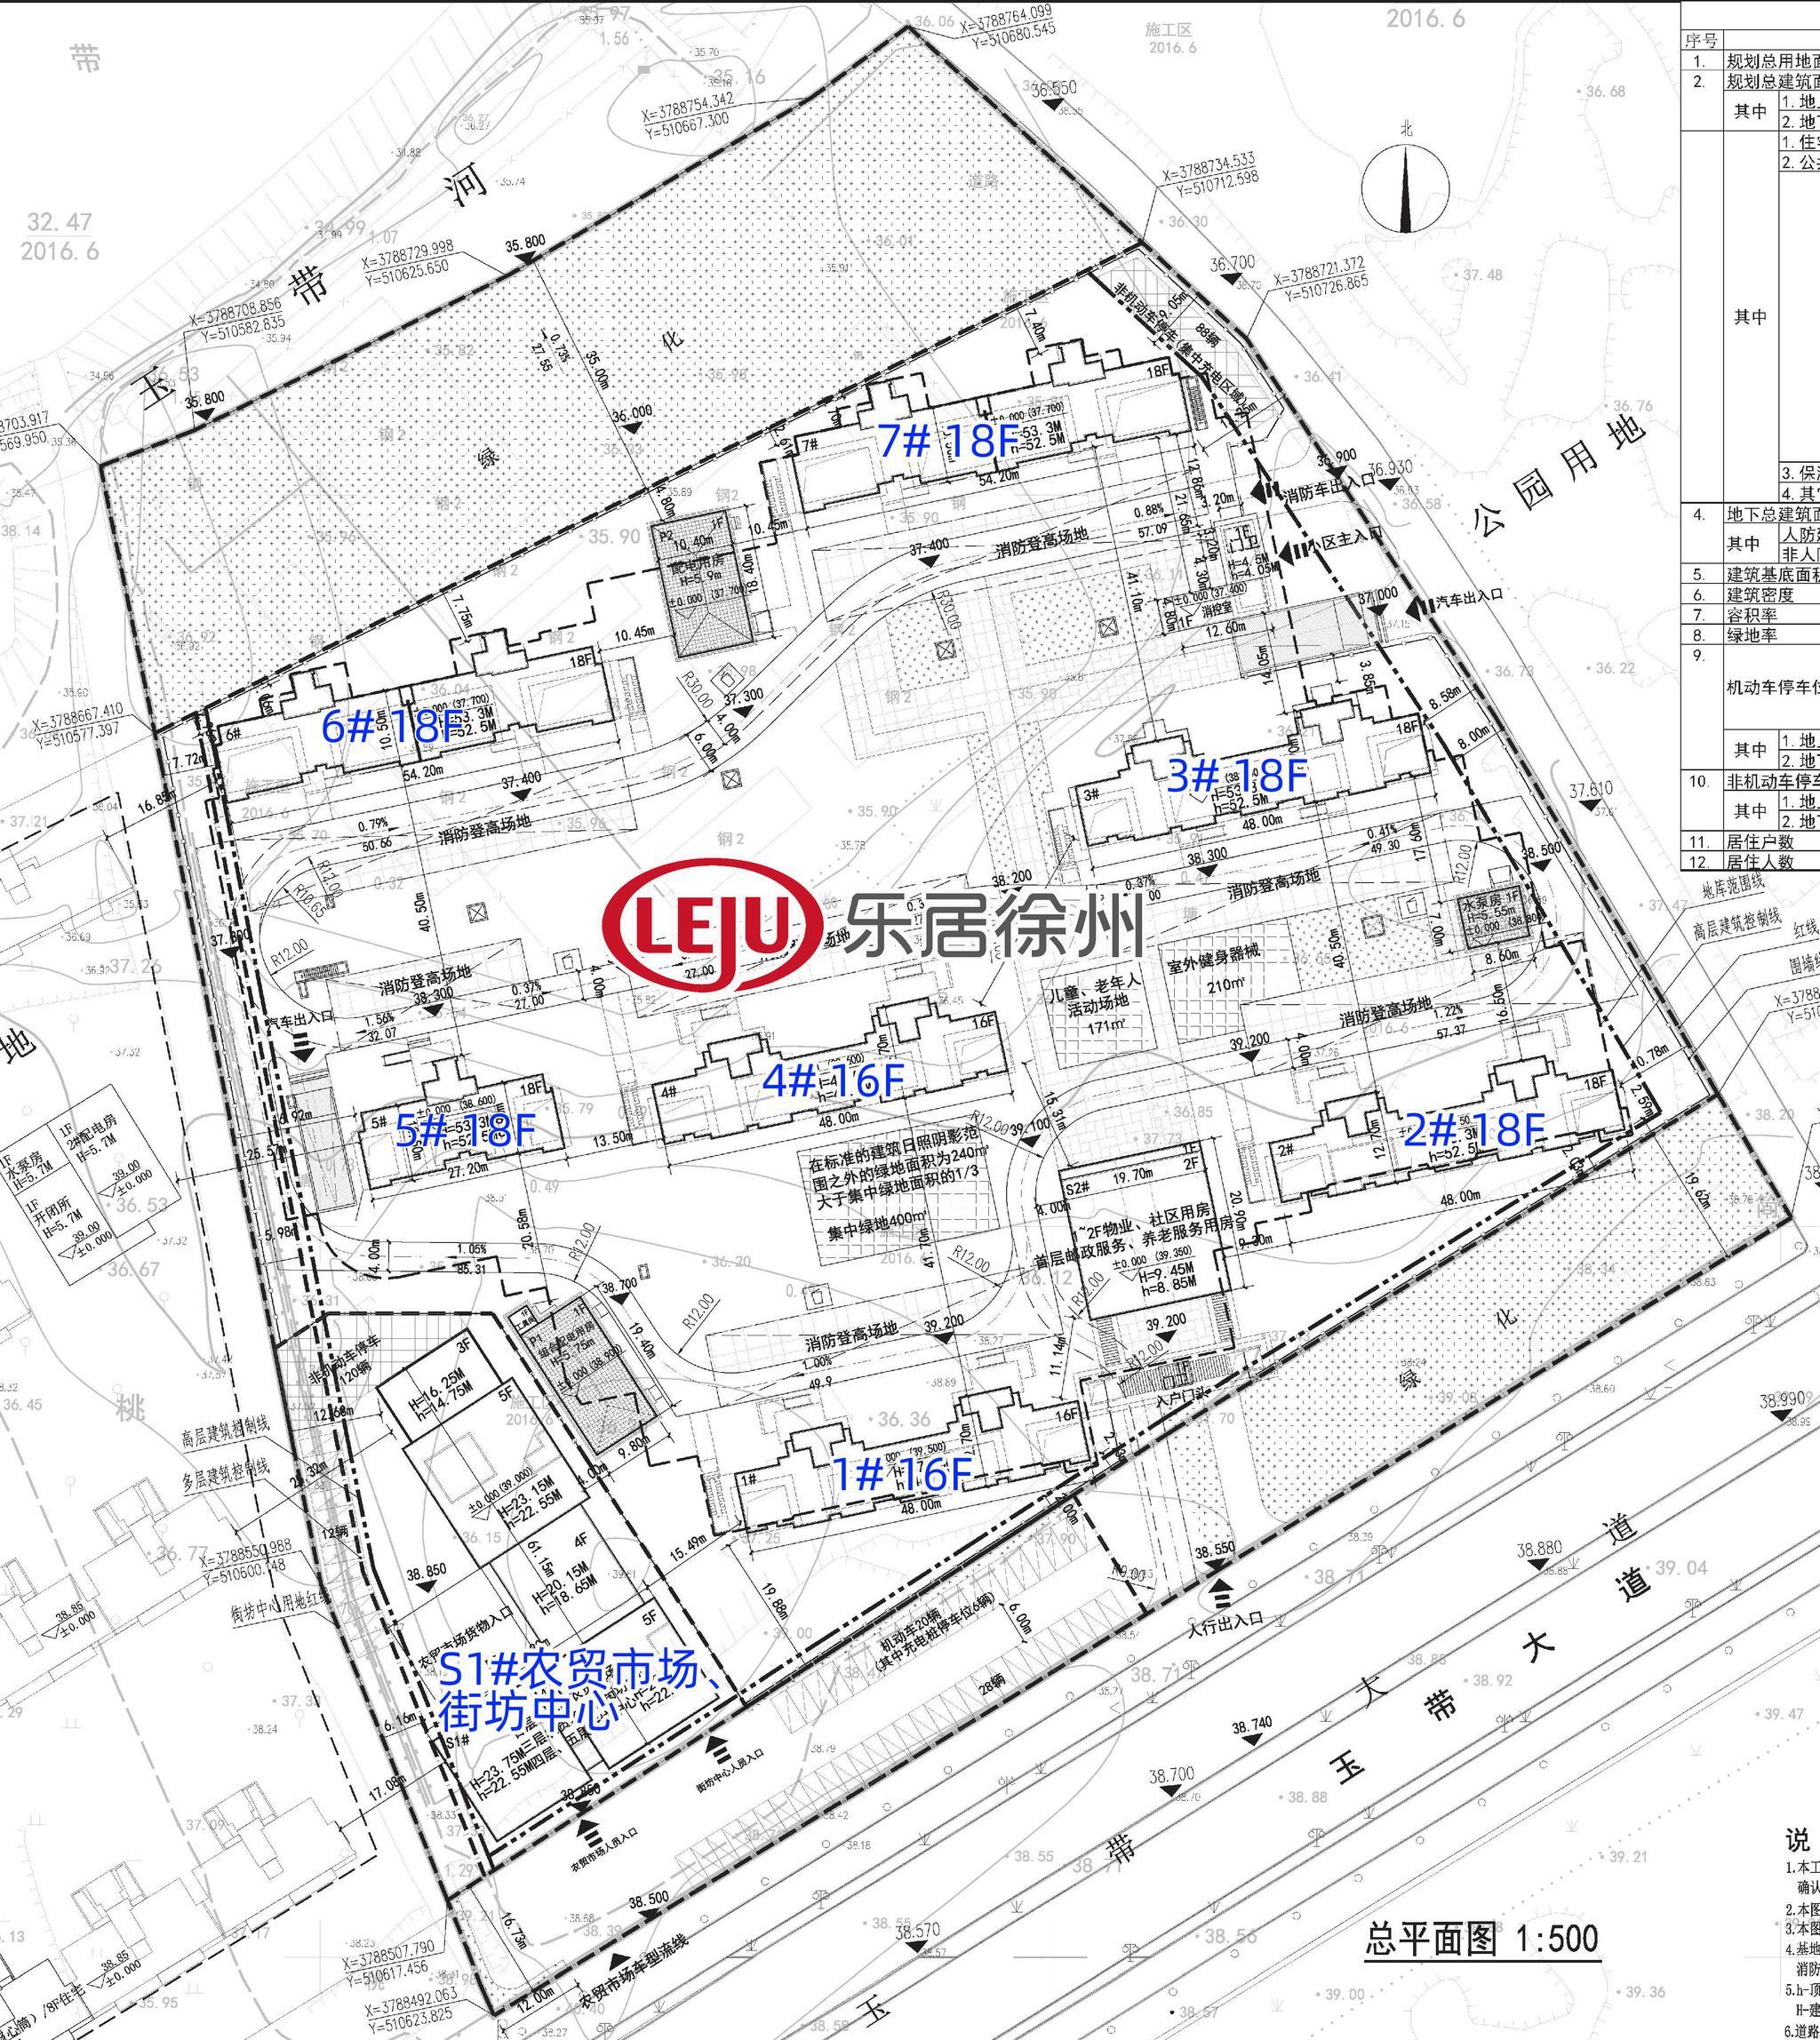 再添一纯新盘 共452户!苏高新玉带河D-2地块建设项目规划公示